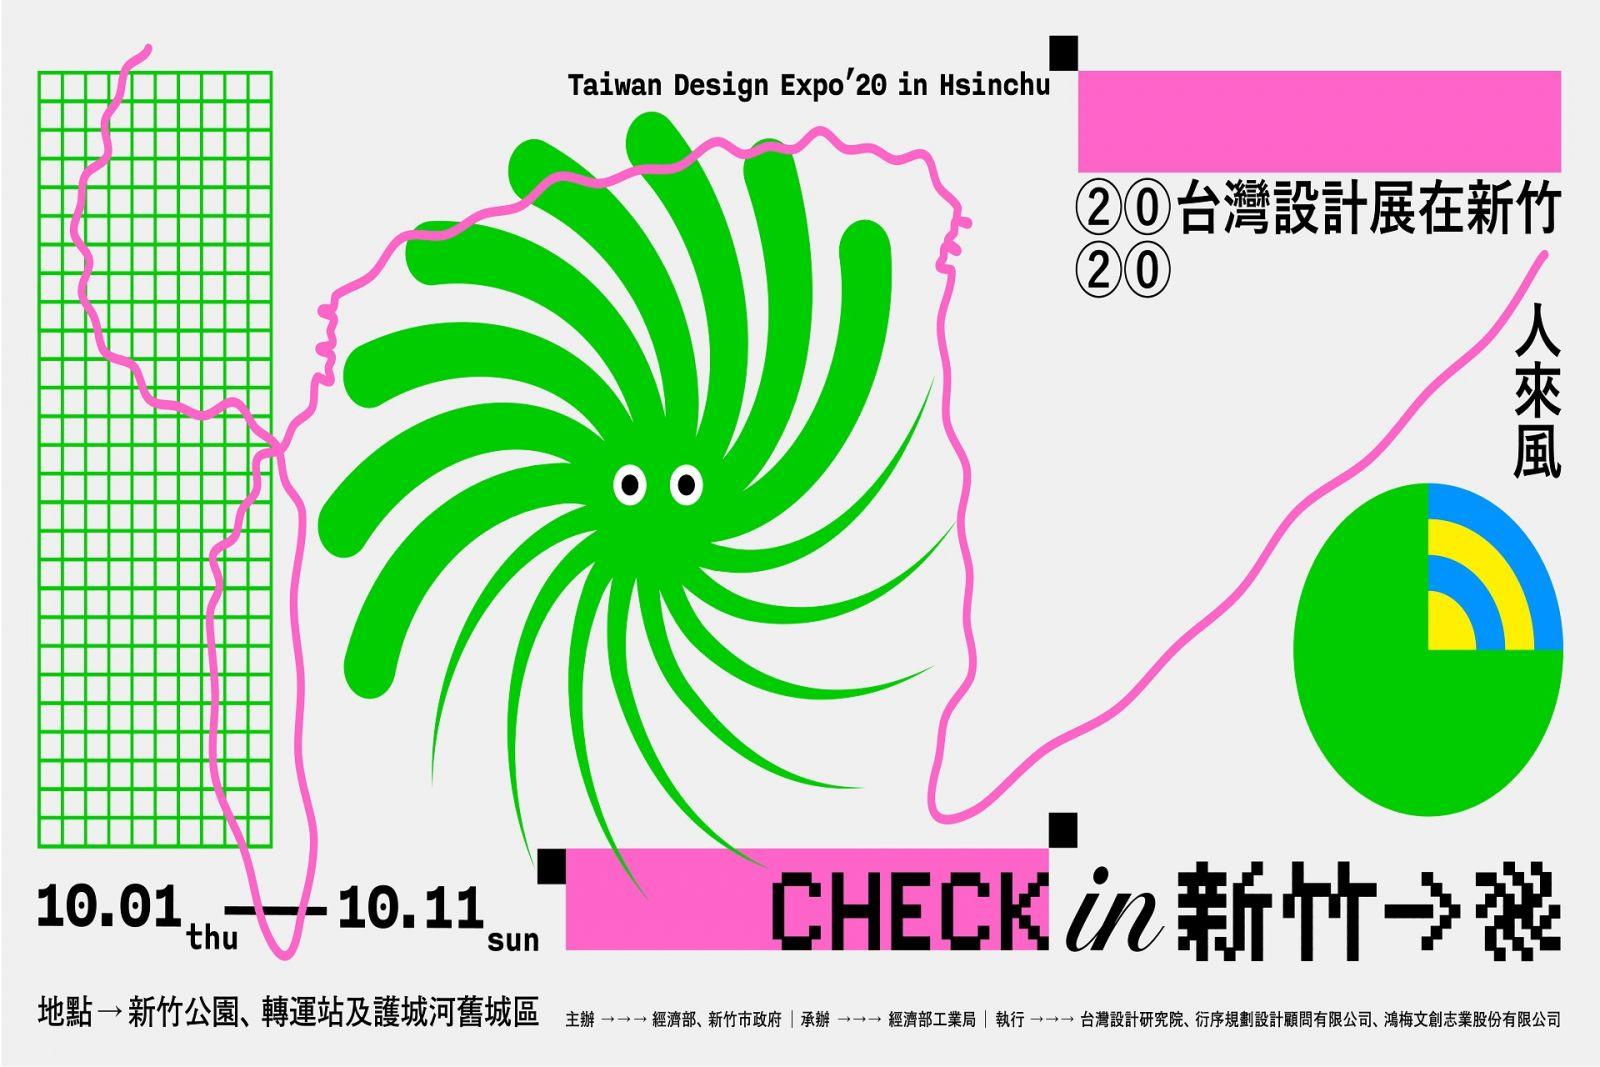 2020台灣設計展期間住宿加碼贈禮